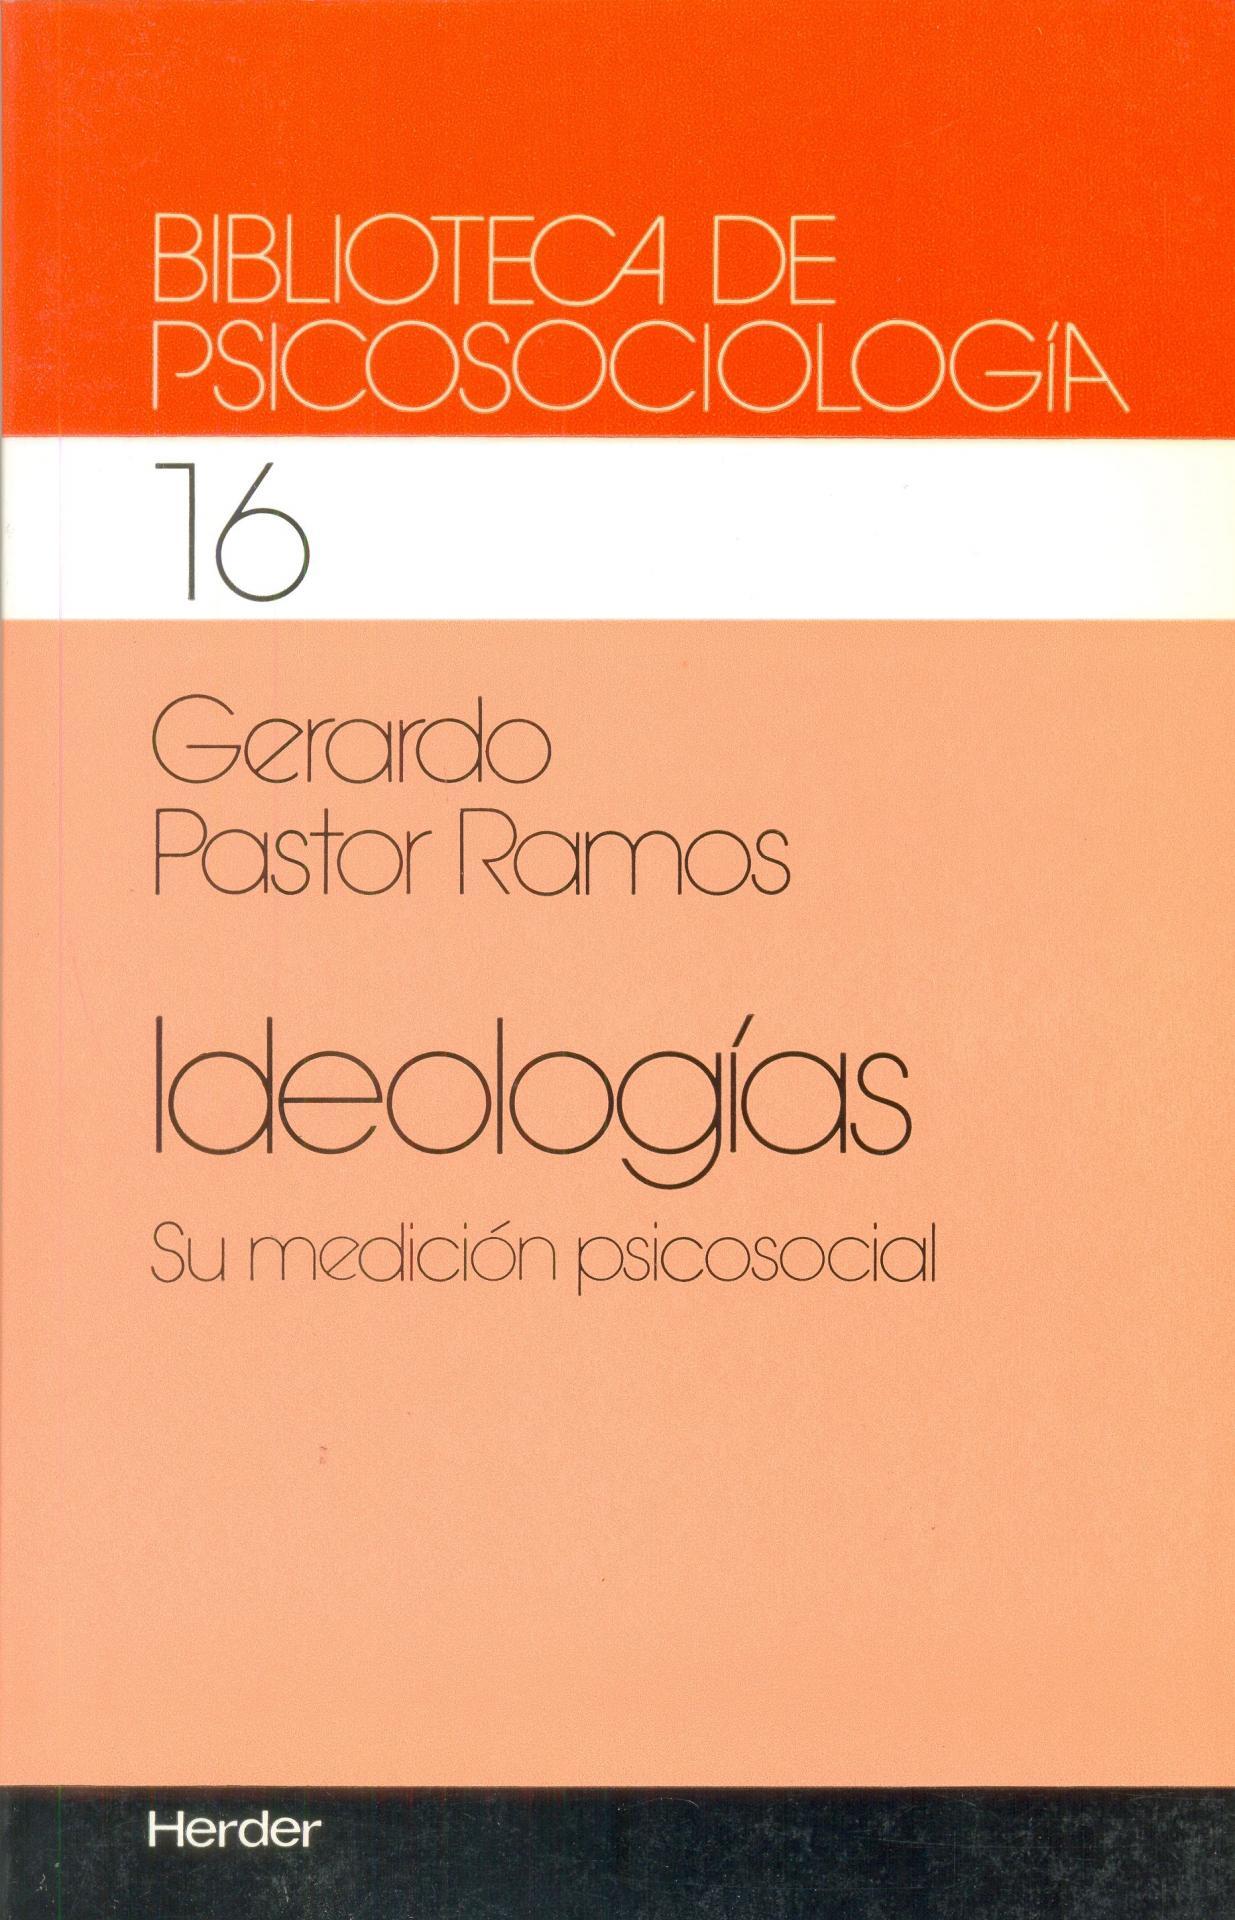 IDEOLOGÍAS. Su medición psicosocial. Pastor, G.